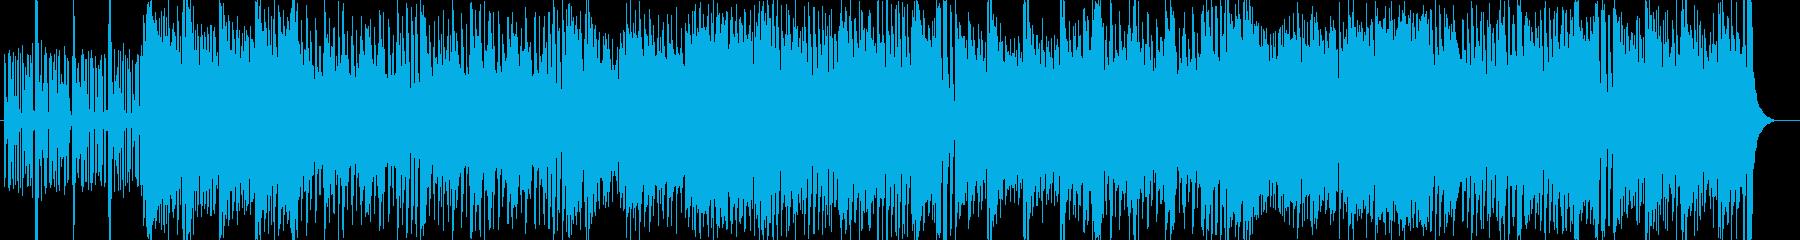 勢いのあるギターなどポップサウンドの再生済みの波形